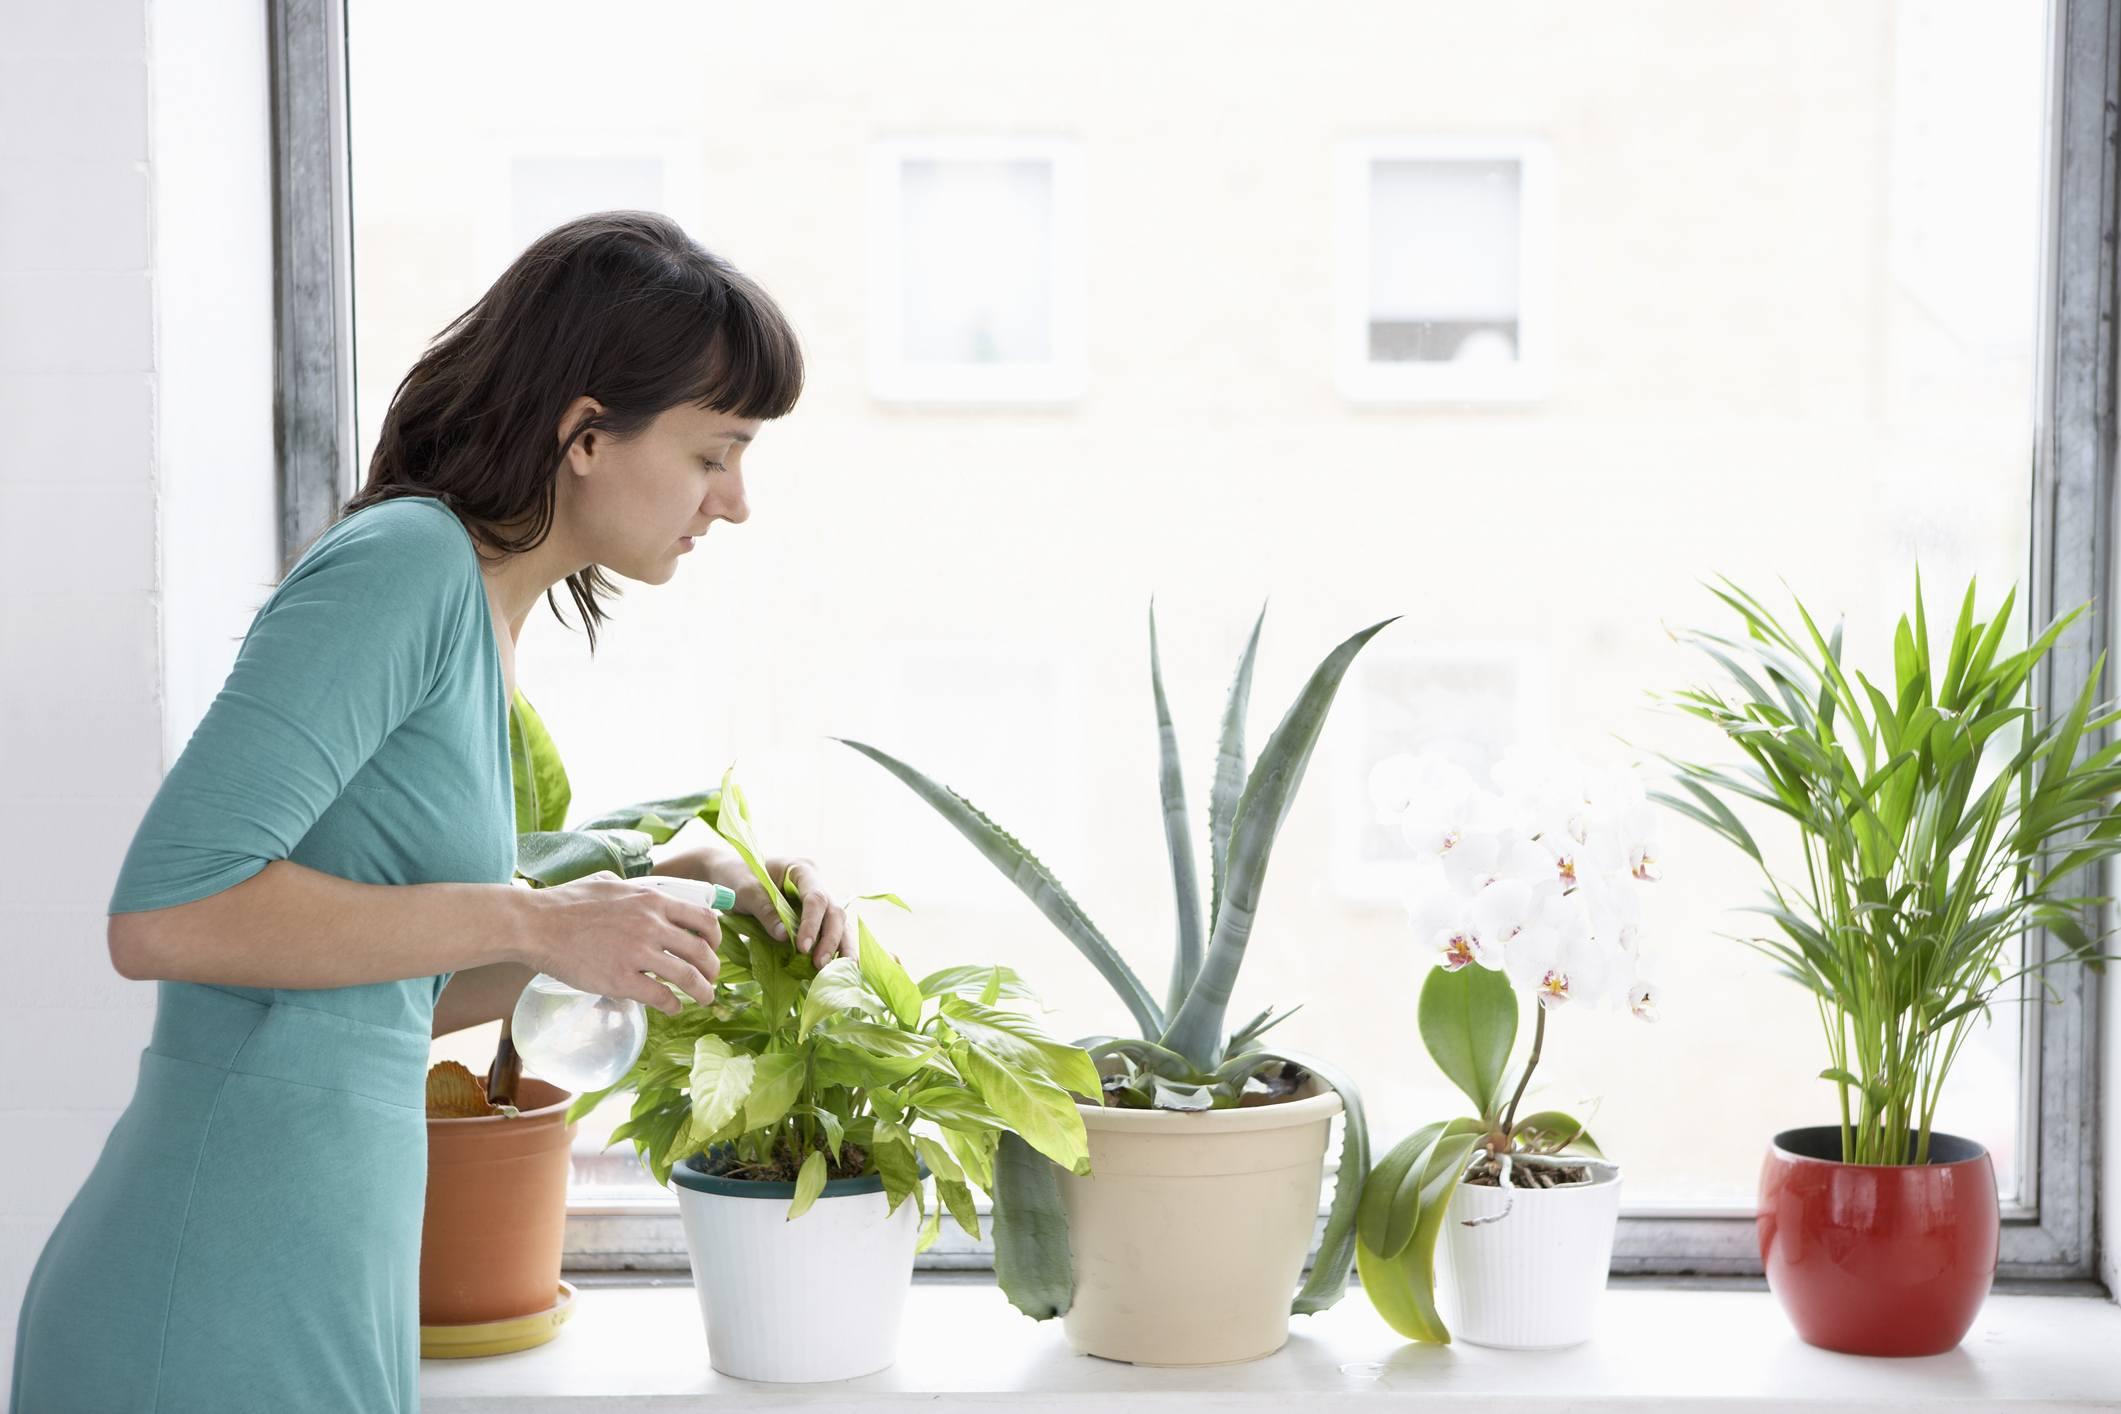 Woman Sprays Plants In Flowerpots